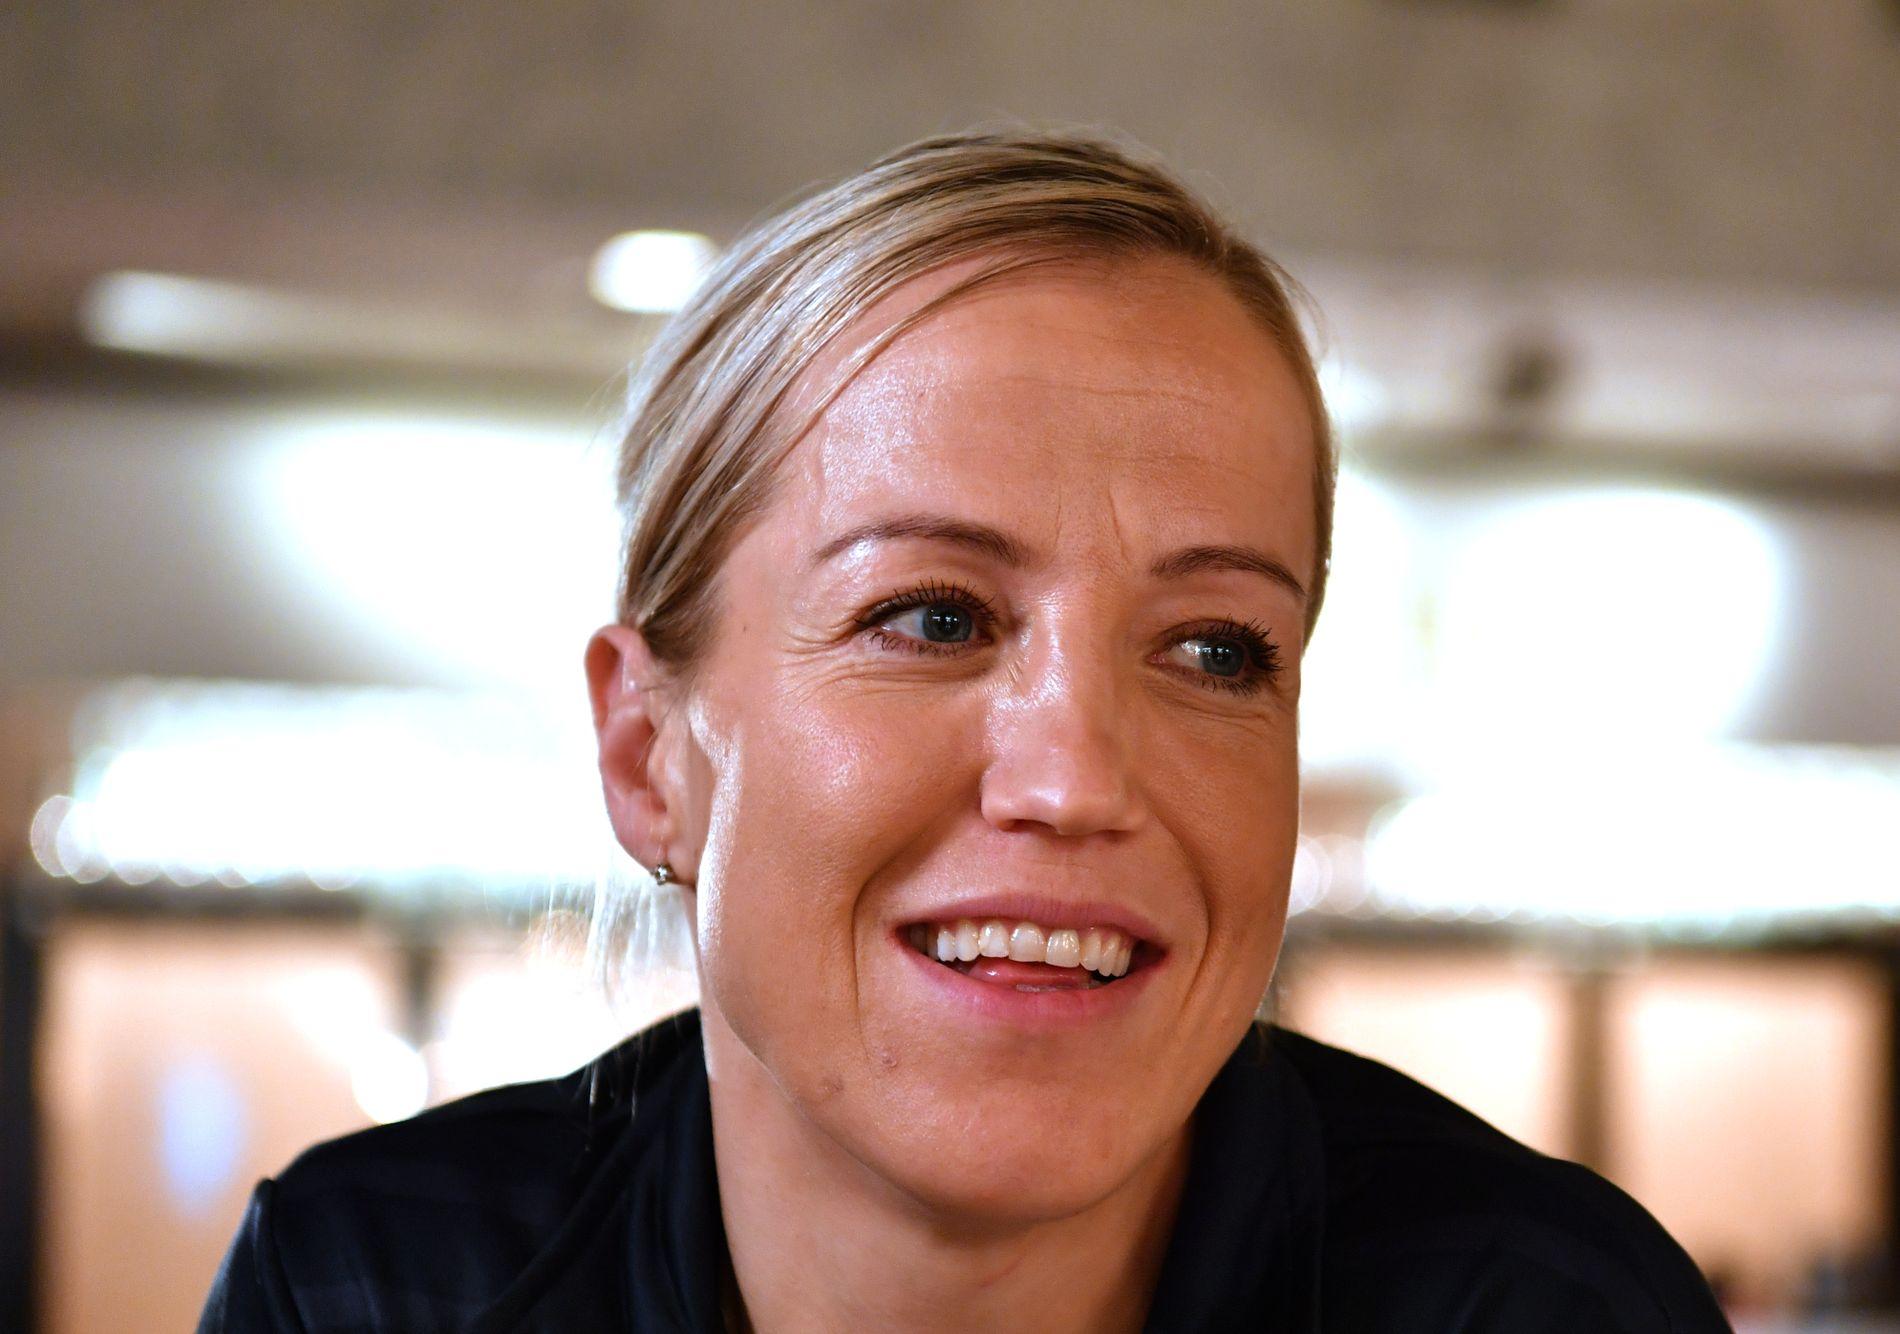 BLIR I STORHAMAR: Det er ikke aktuelt for Heidi Løke å returnere til Ungarn.